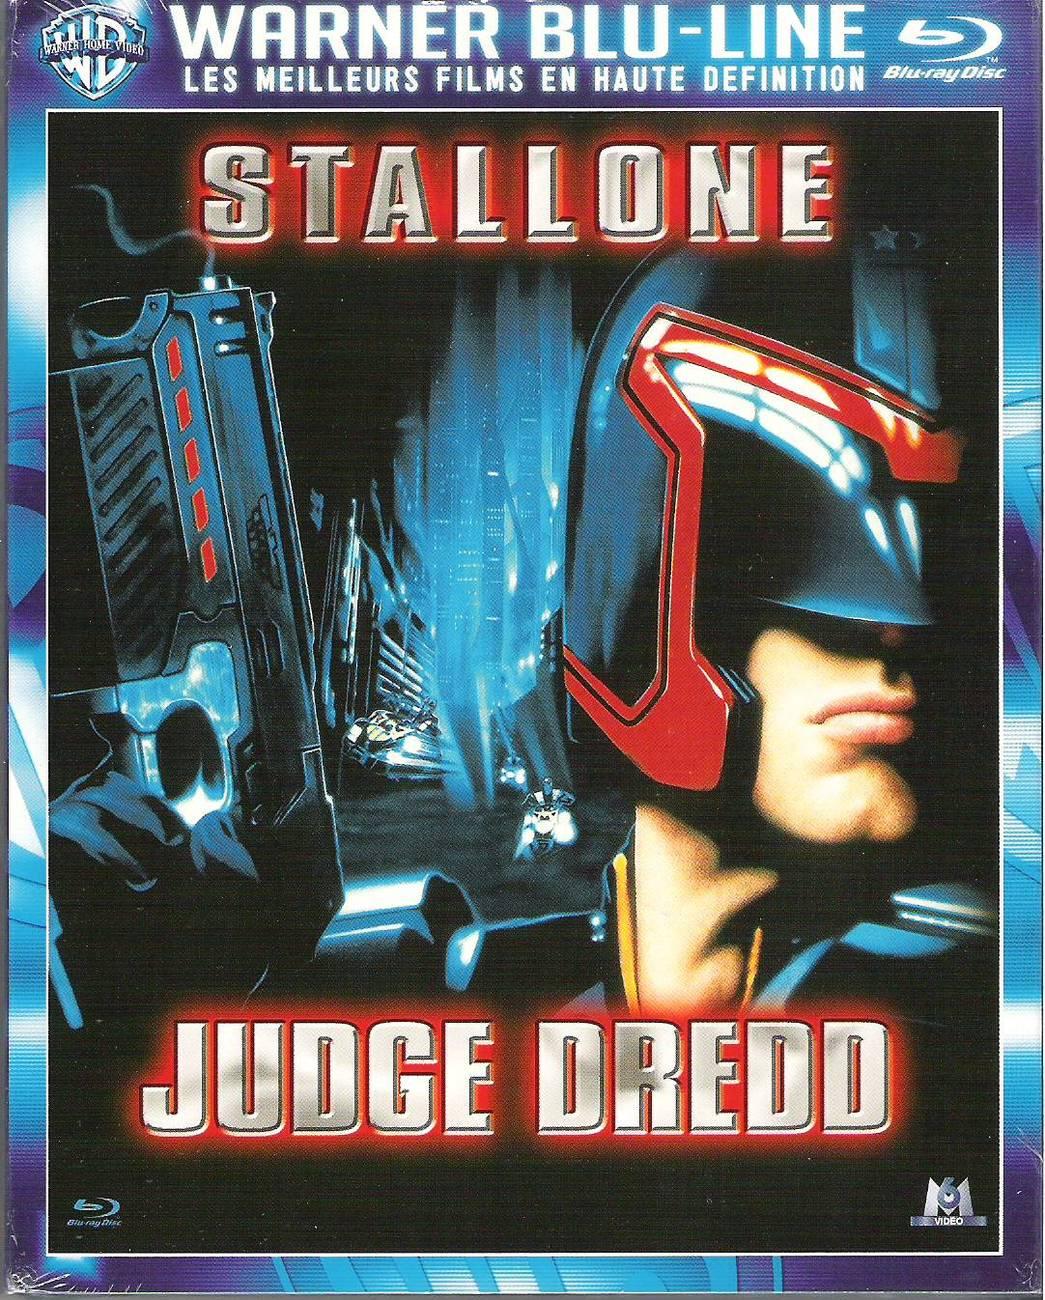 Judge Dredd (1995) Region B French Import Blu-ray Disc